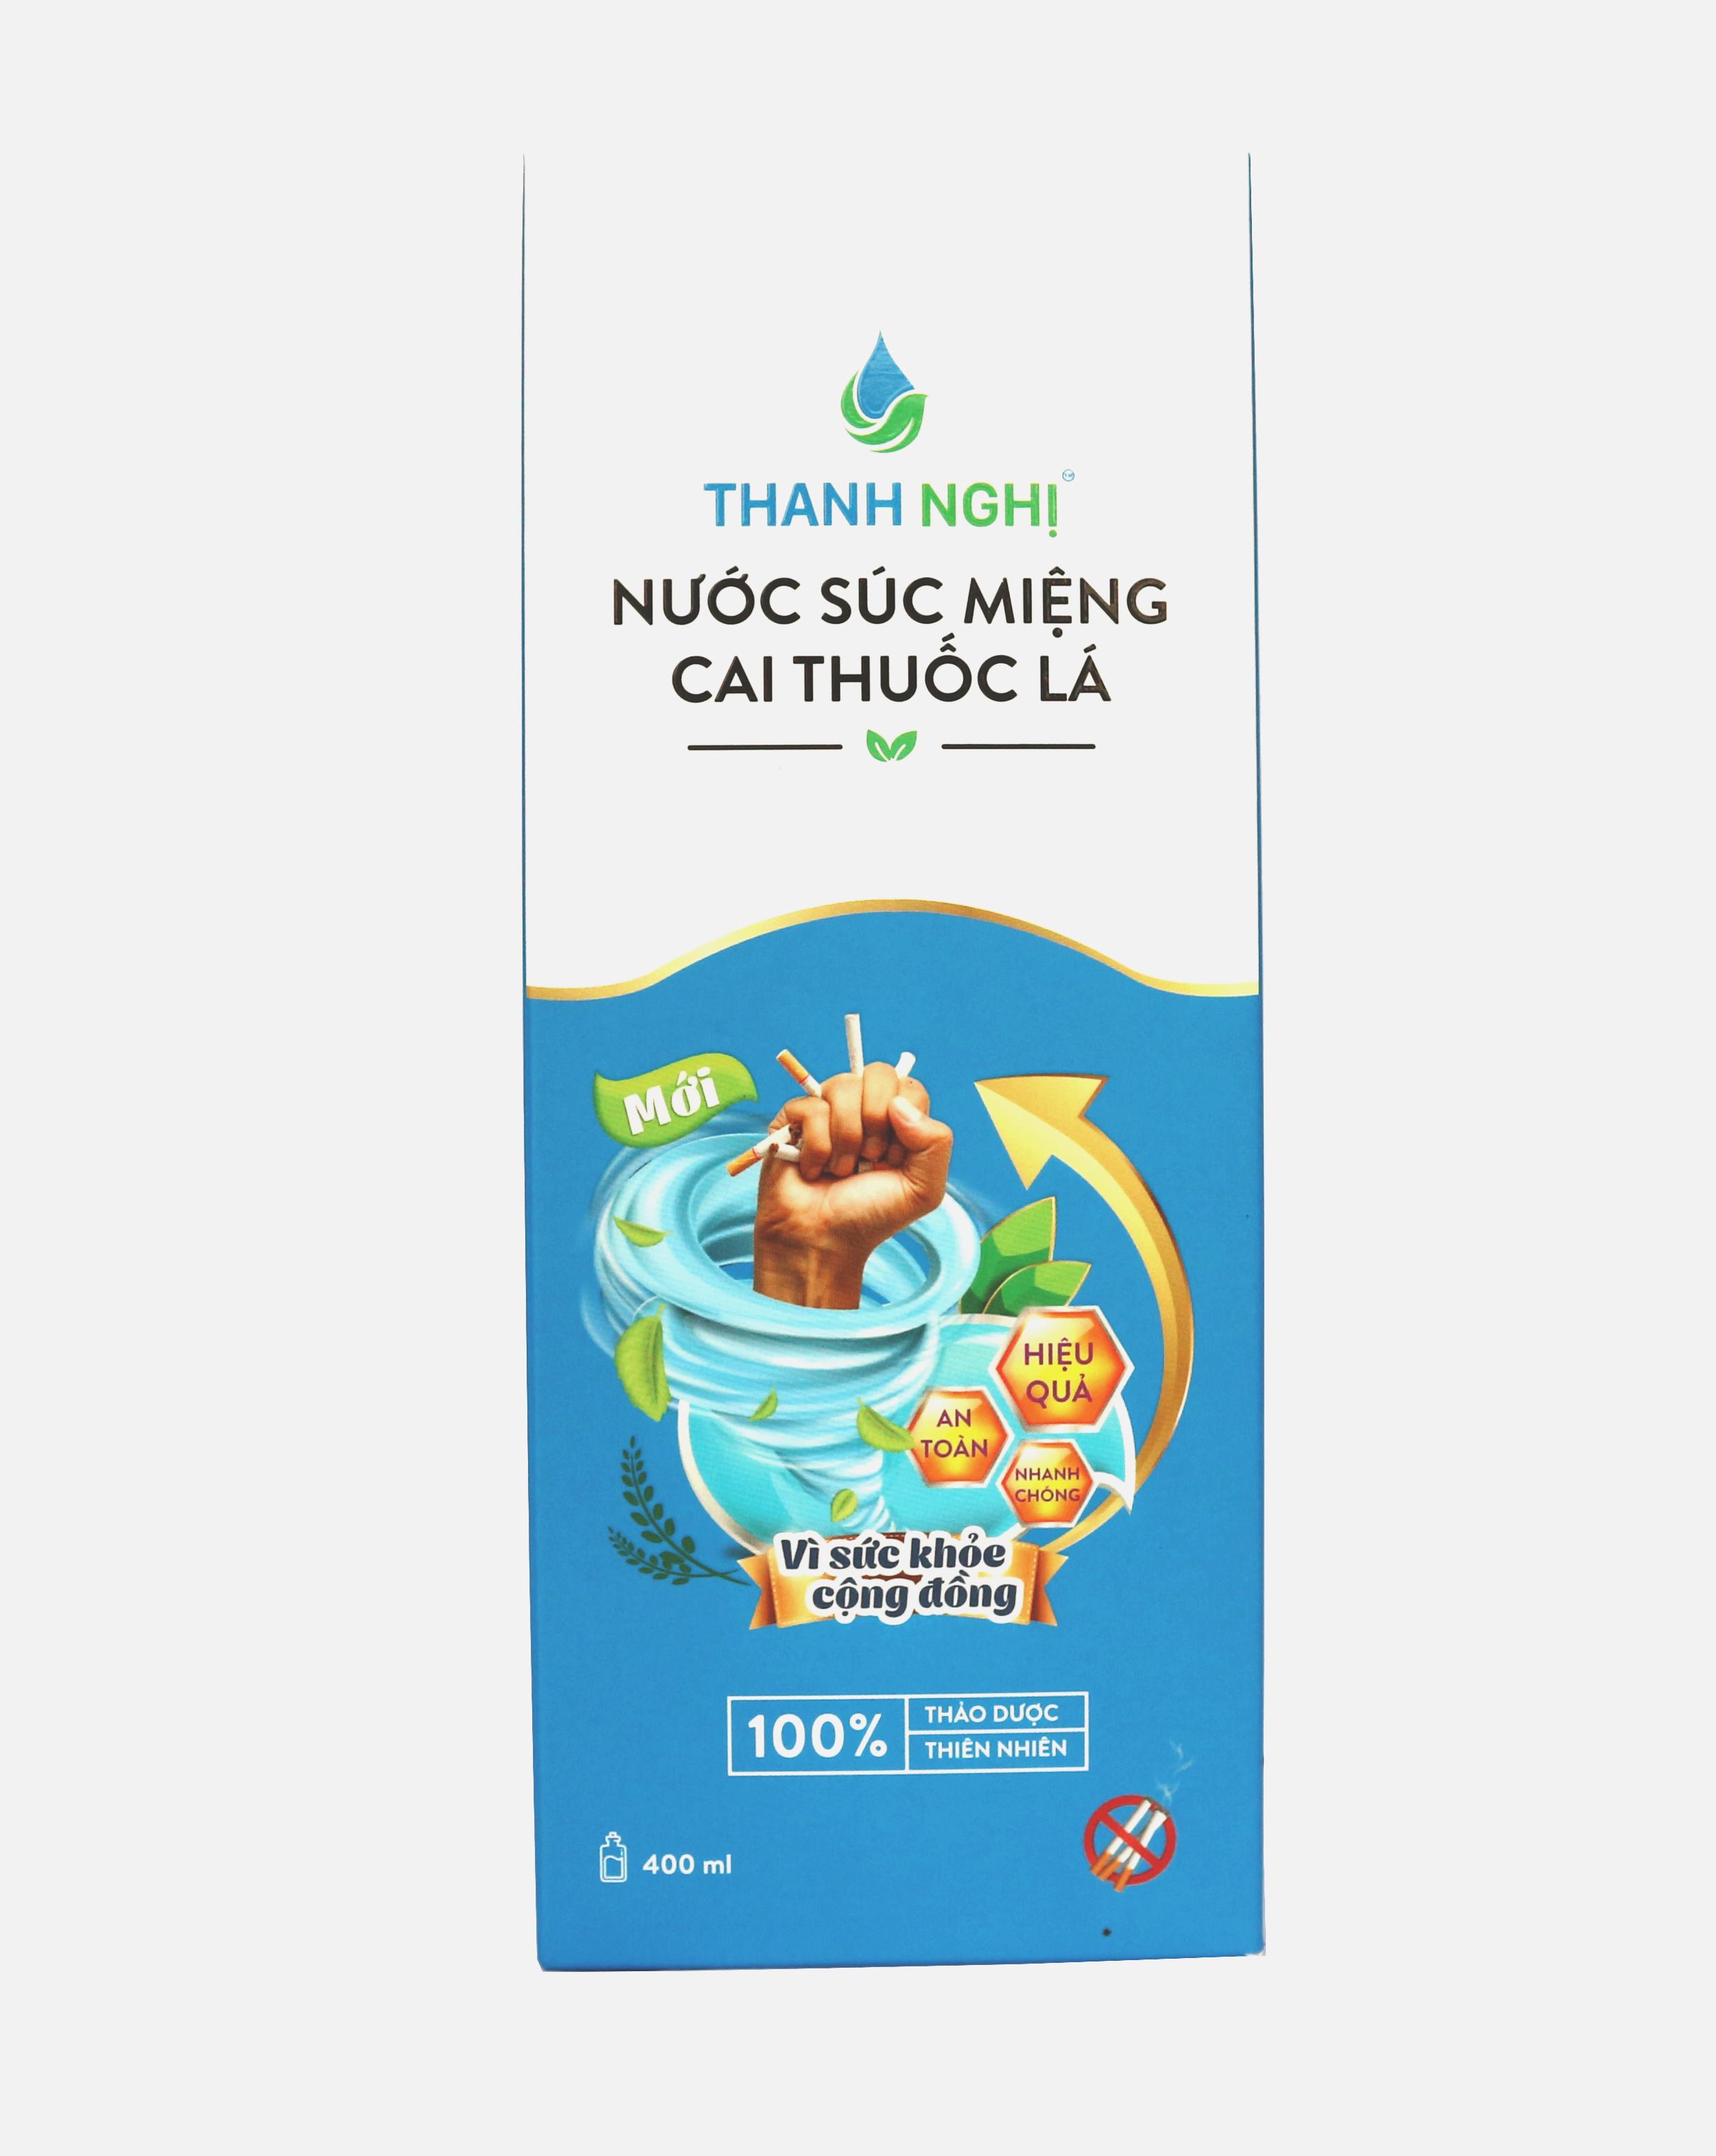 Nước Súc Miệng Cai Thuốc Lá, Thuốc Lào Thanh Nghị - Hỗ trợ cai thuốc lá hiệu quả (Mẫu mới) 01 chai x 400ml